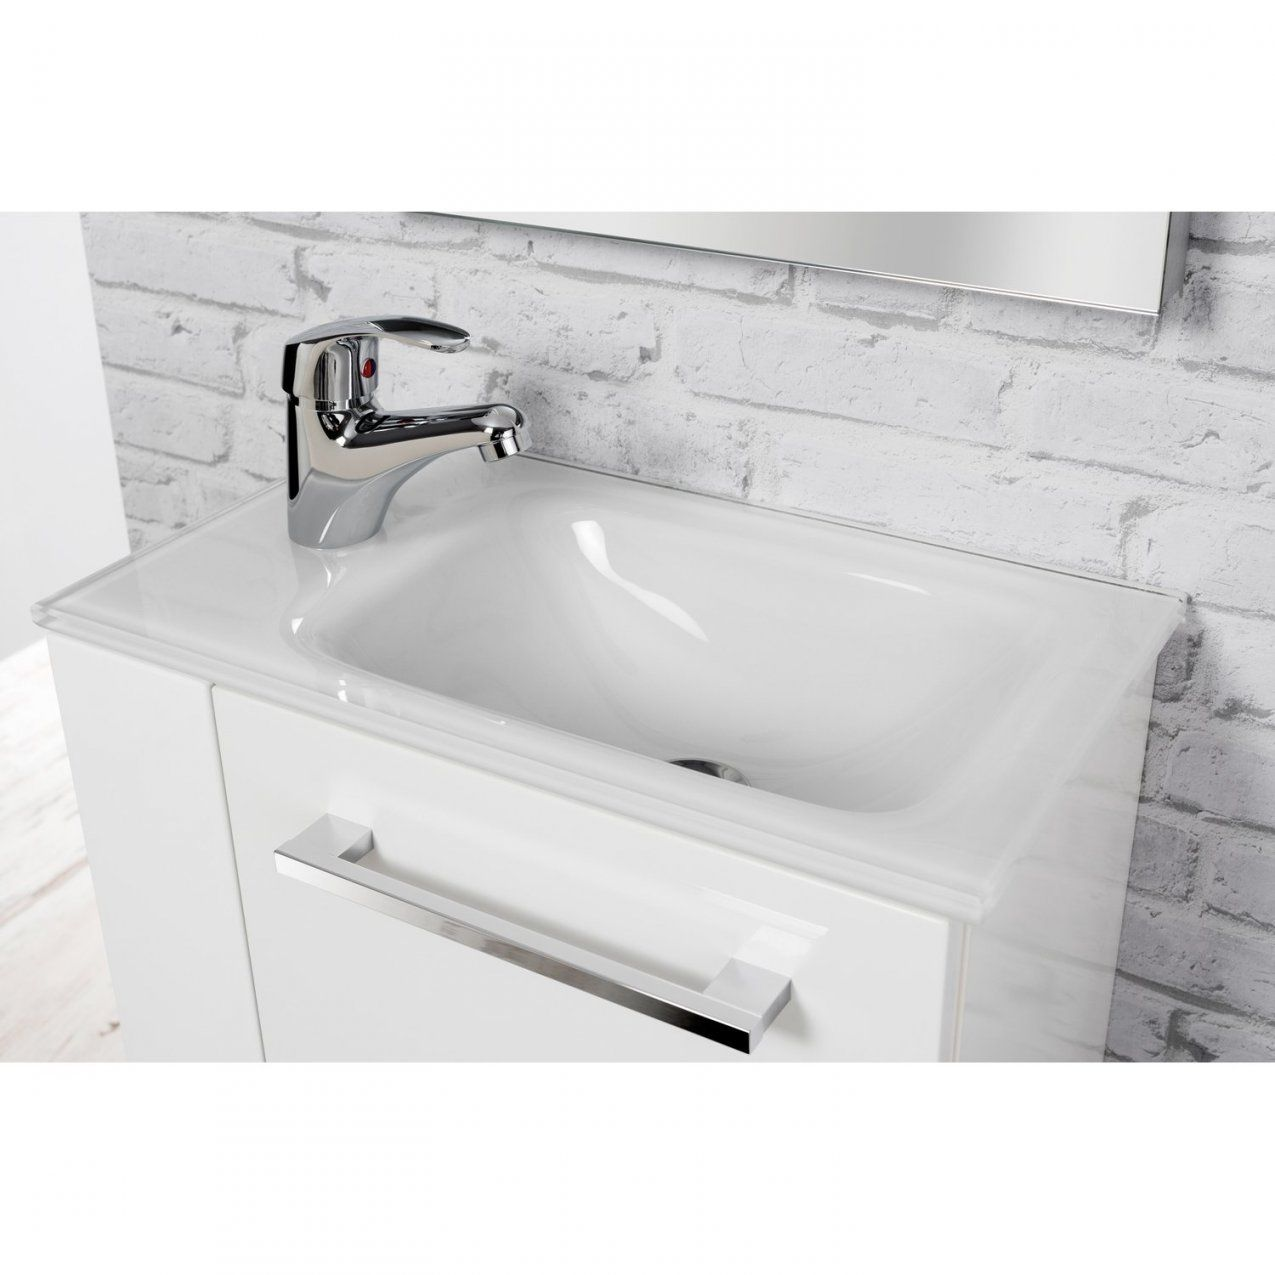 Waschbecken Online Kaufen Bei Obi von Waschbecken 25 Cm Tief Bild